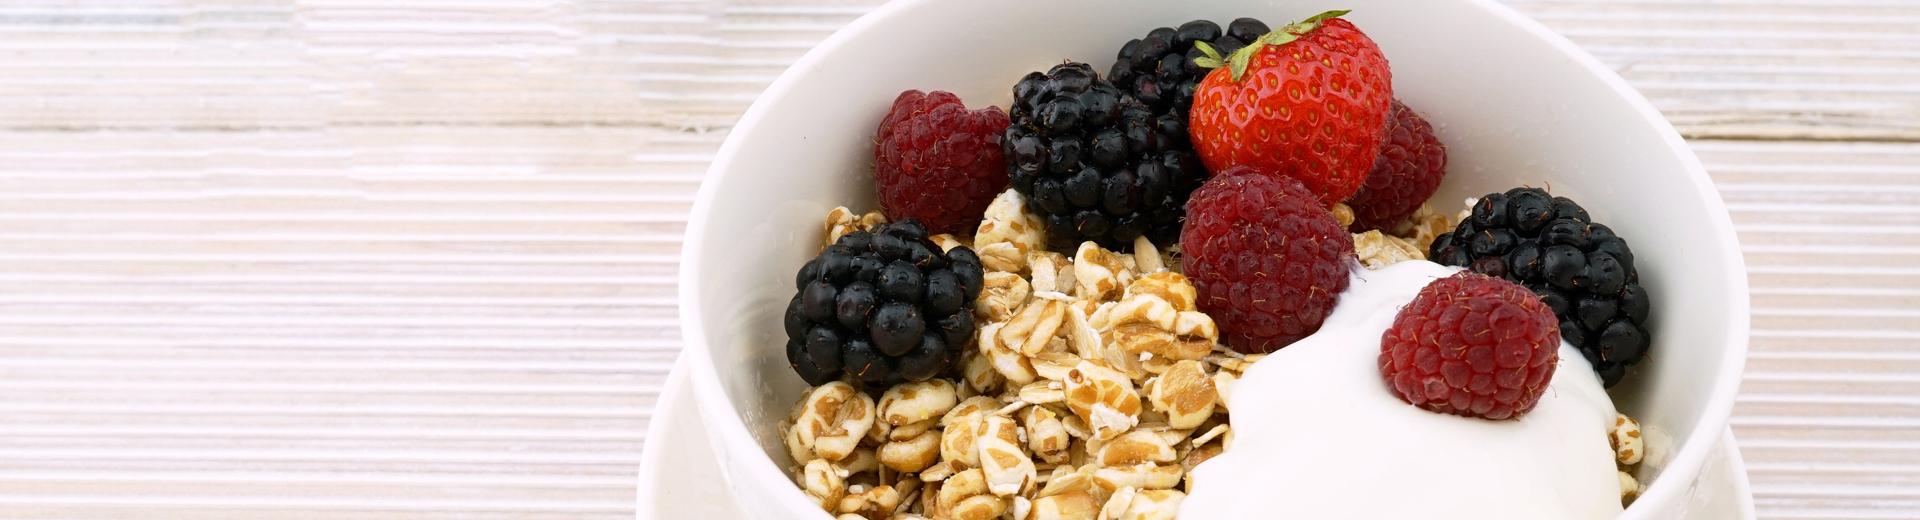 Müsli, Joghurt und Obst